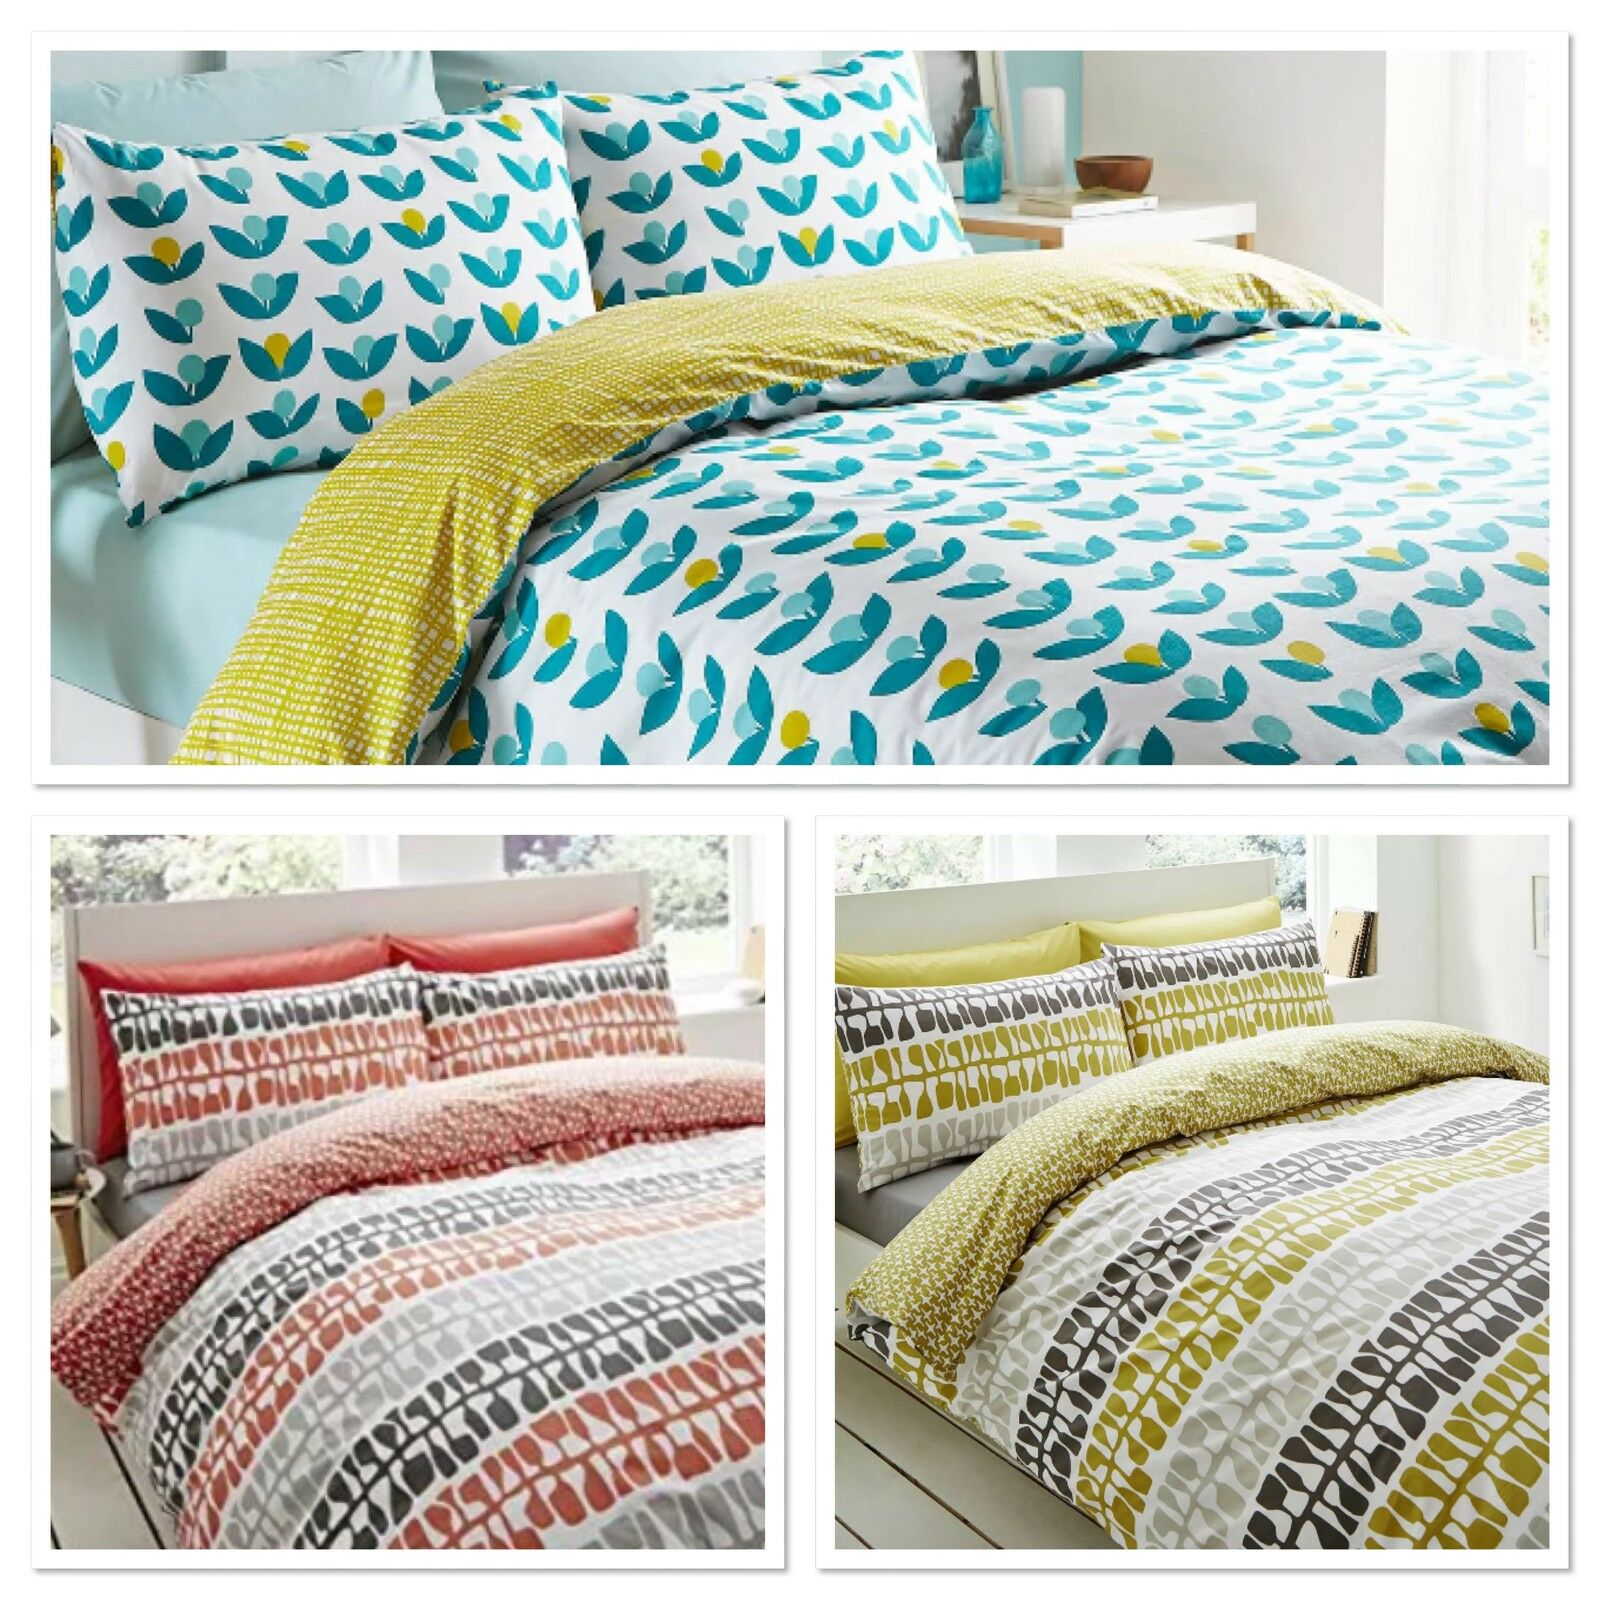 Reversible Lotta Jansdotter Designer Coral Follie Bettding Duvet Startseite Set